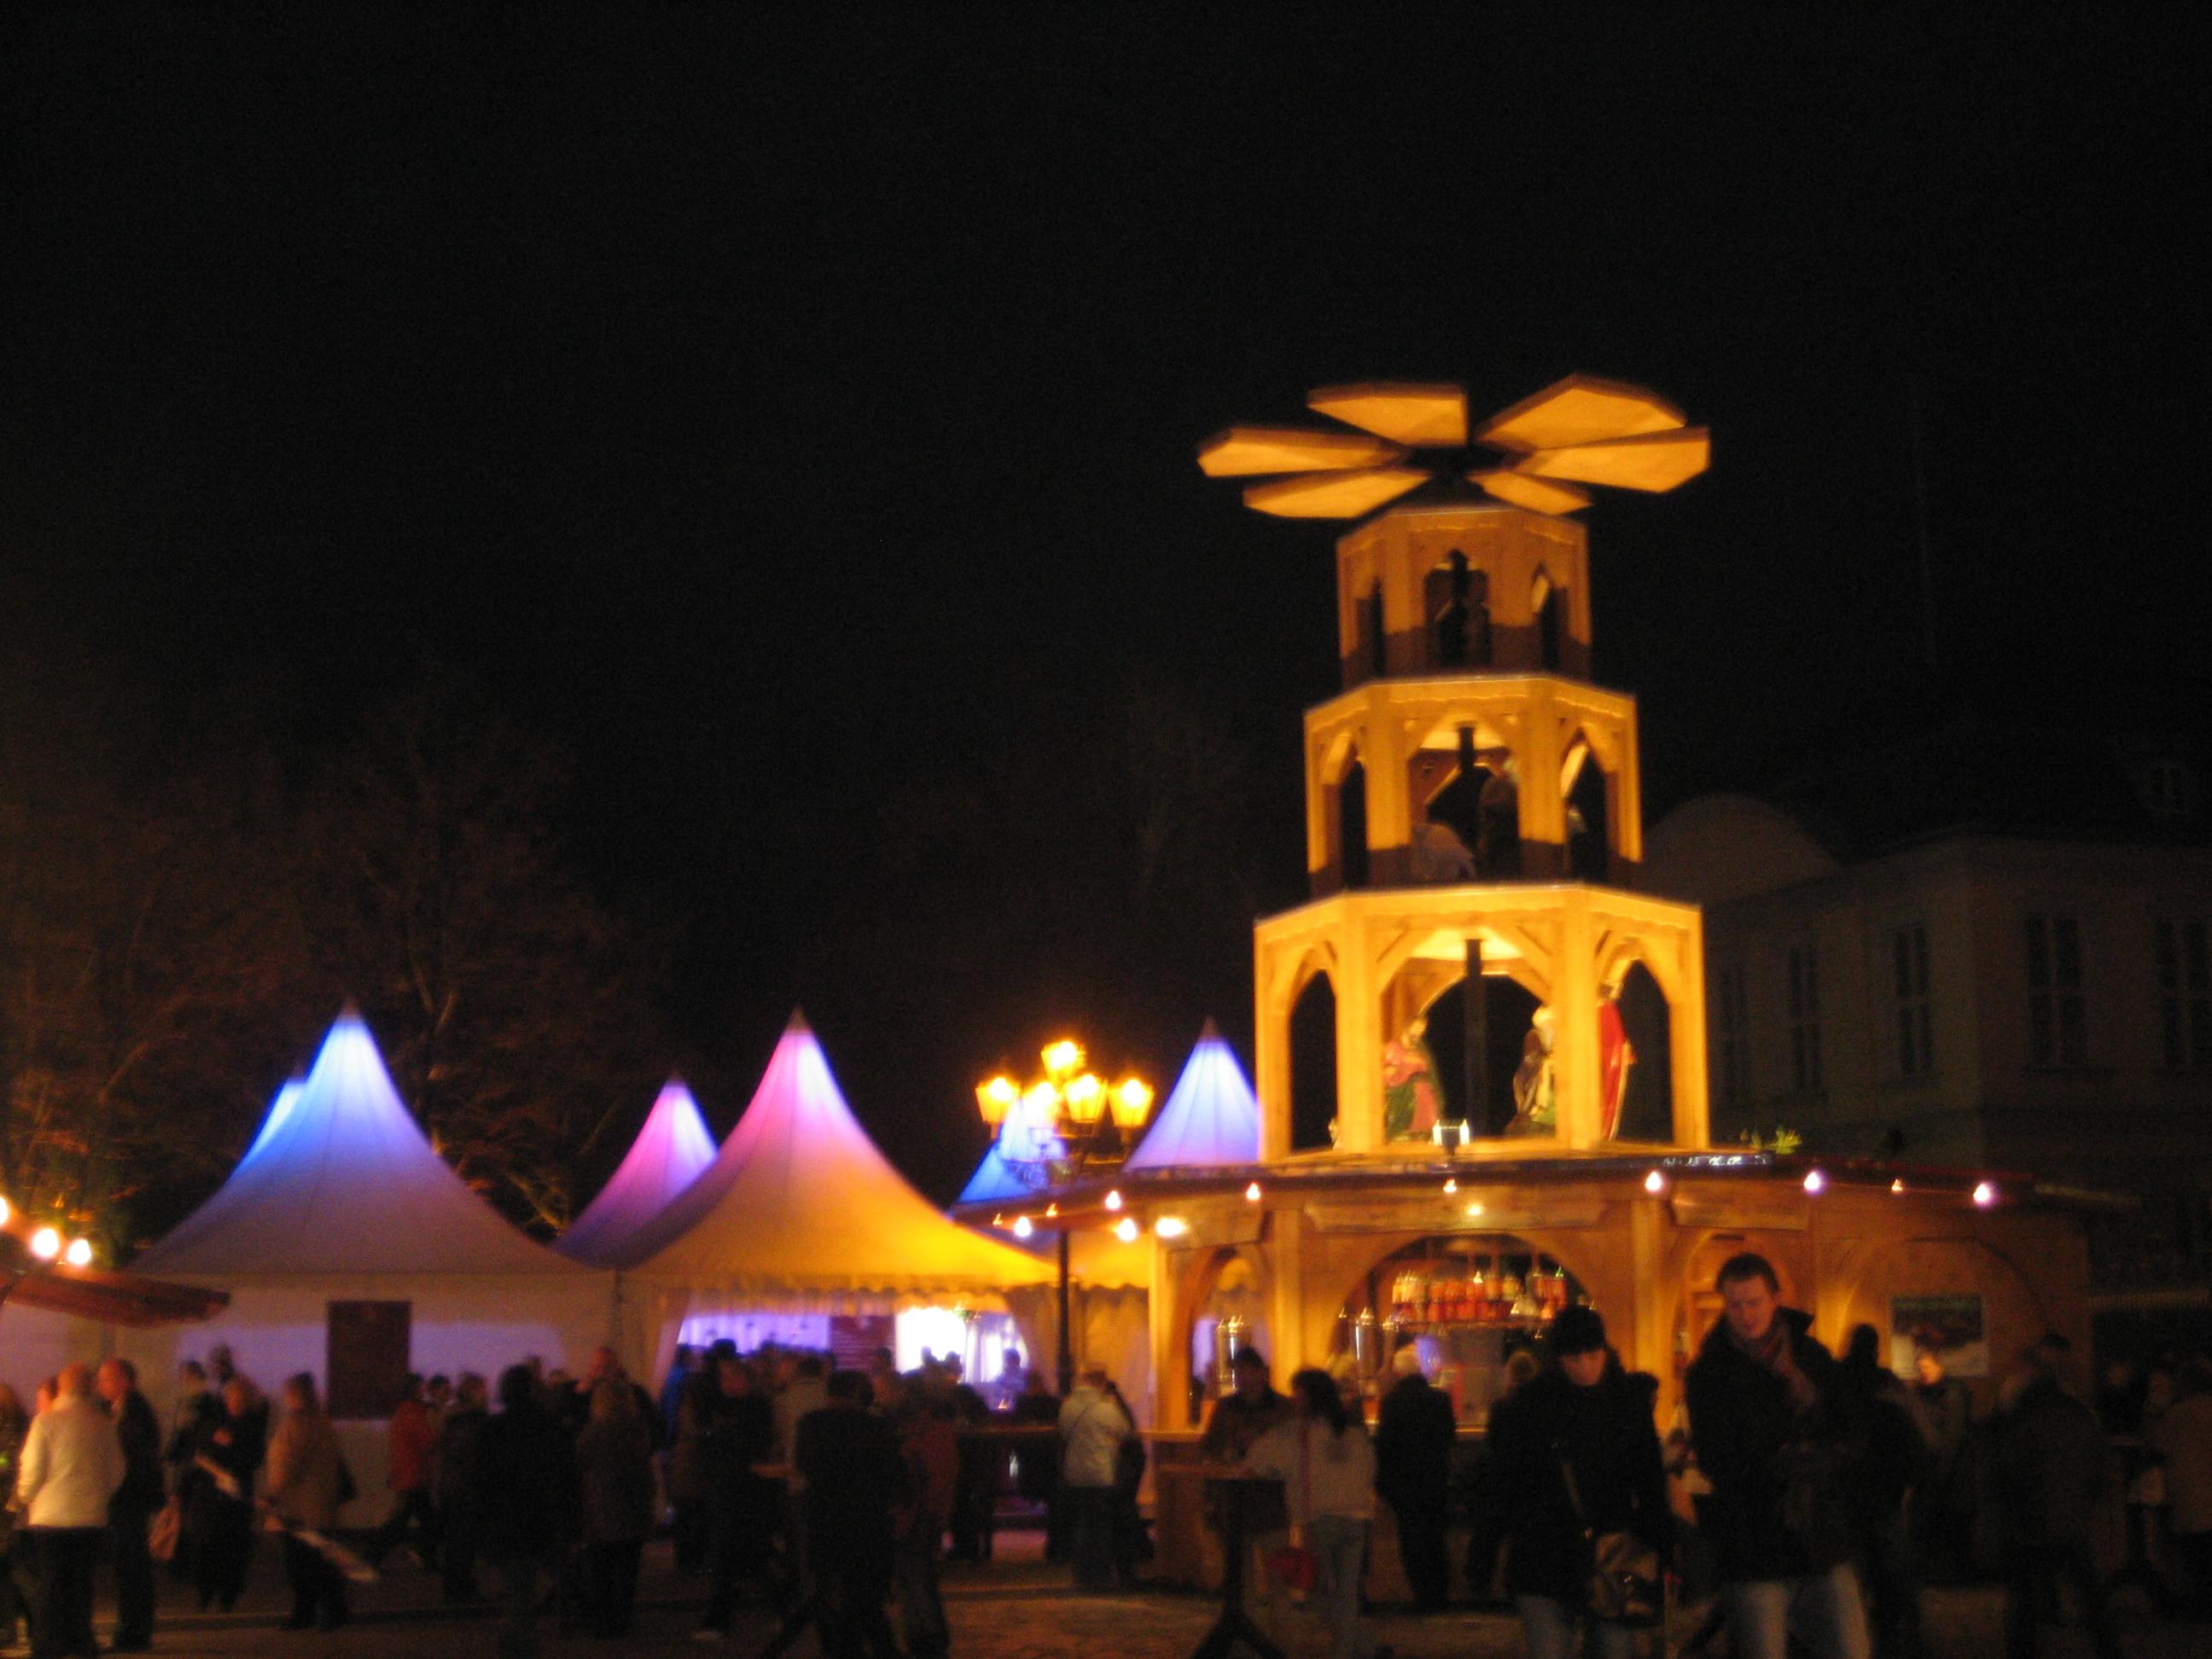 Weihnachtsmarkt Schloss Charlottenburg.Datei Weihnachtsmarkt Schloss Charlottenburg 2 Jpg Wikipedia